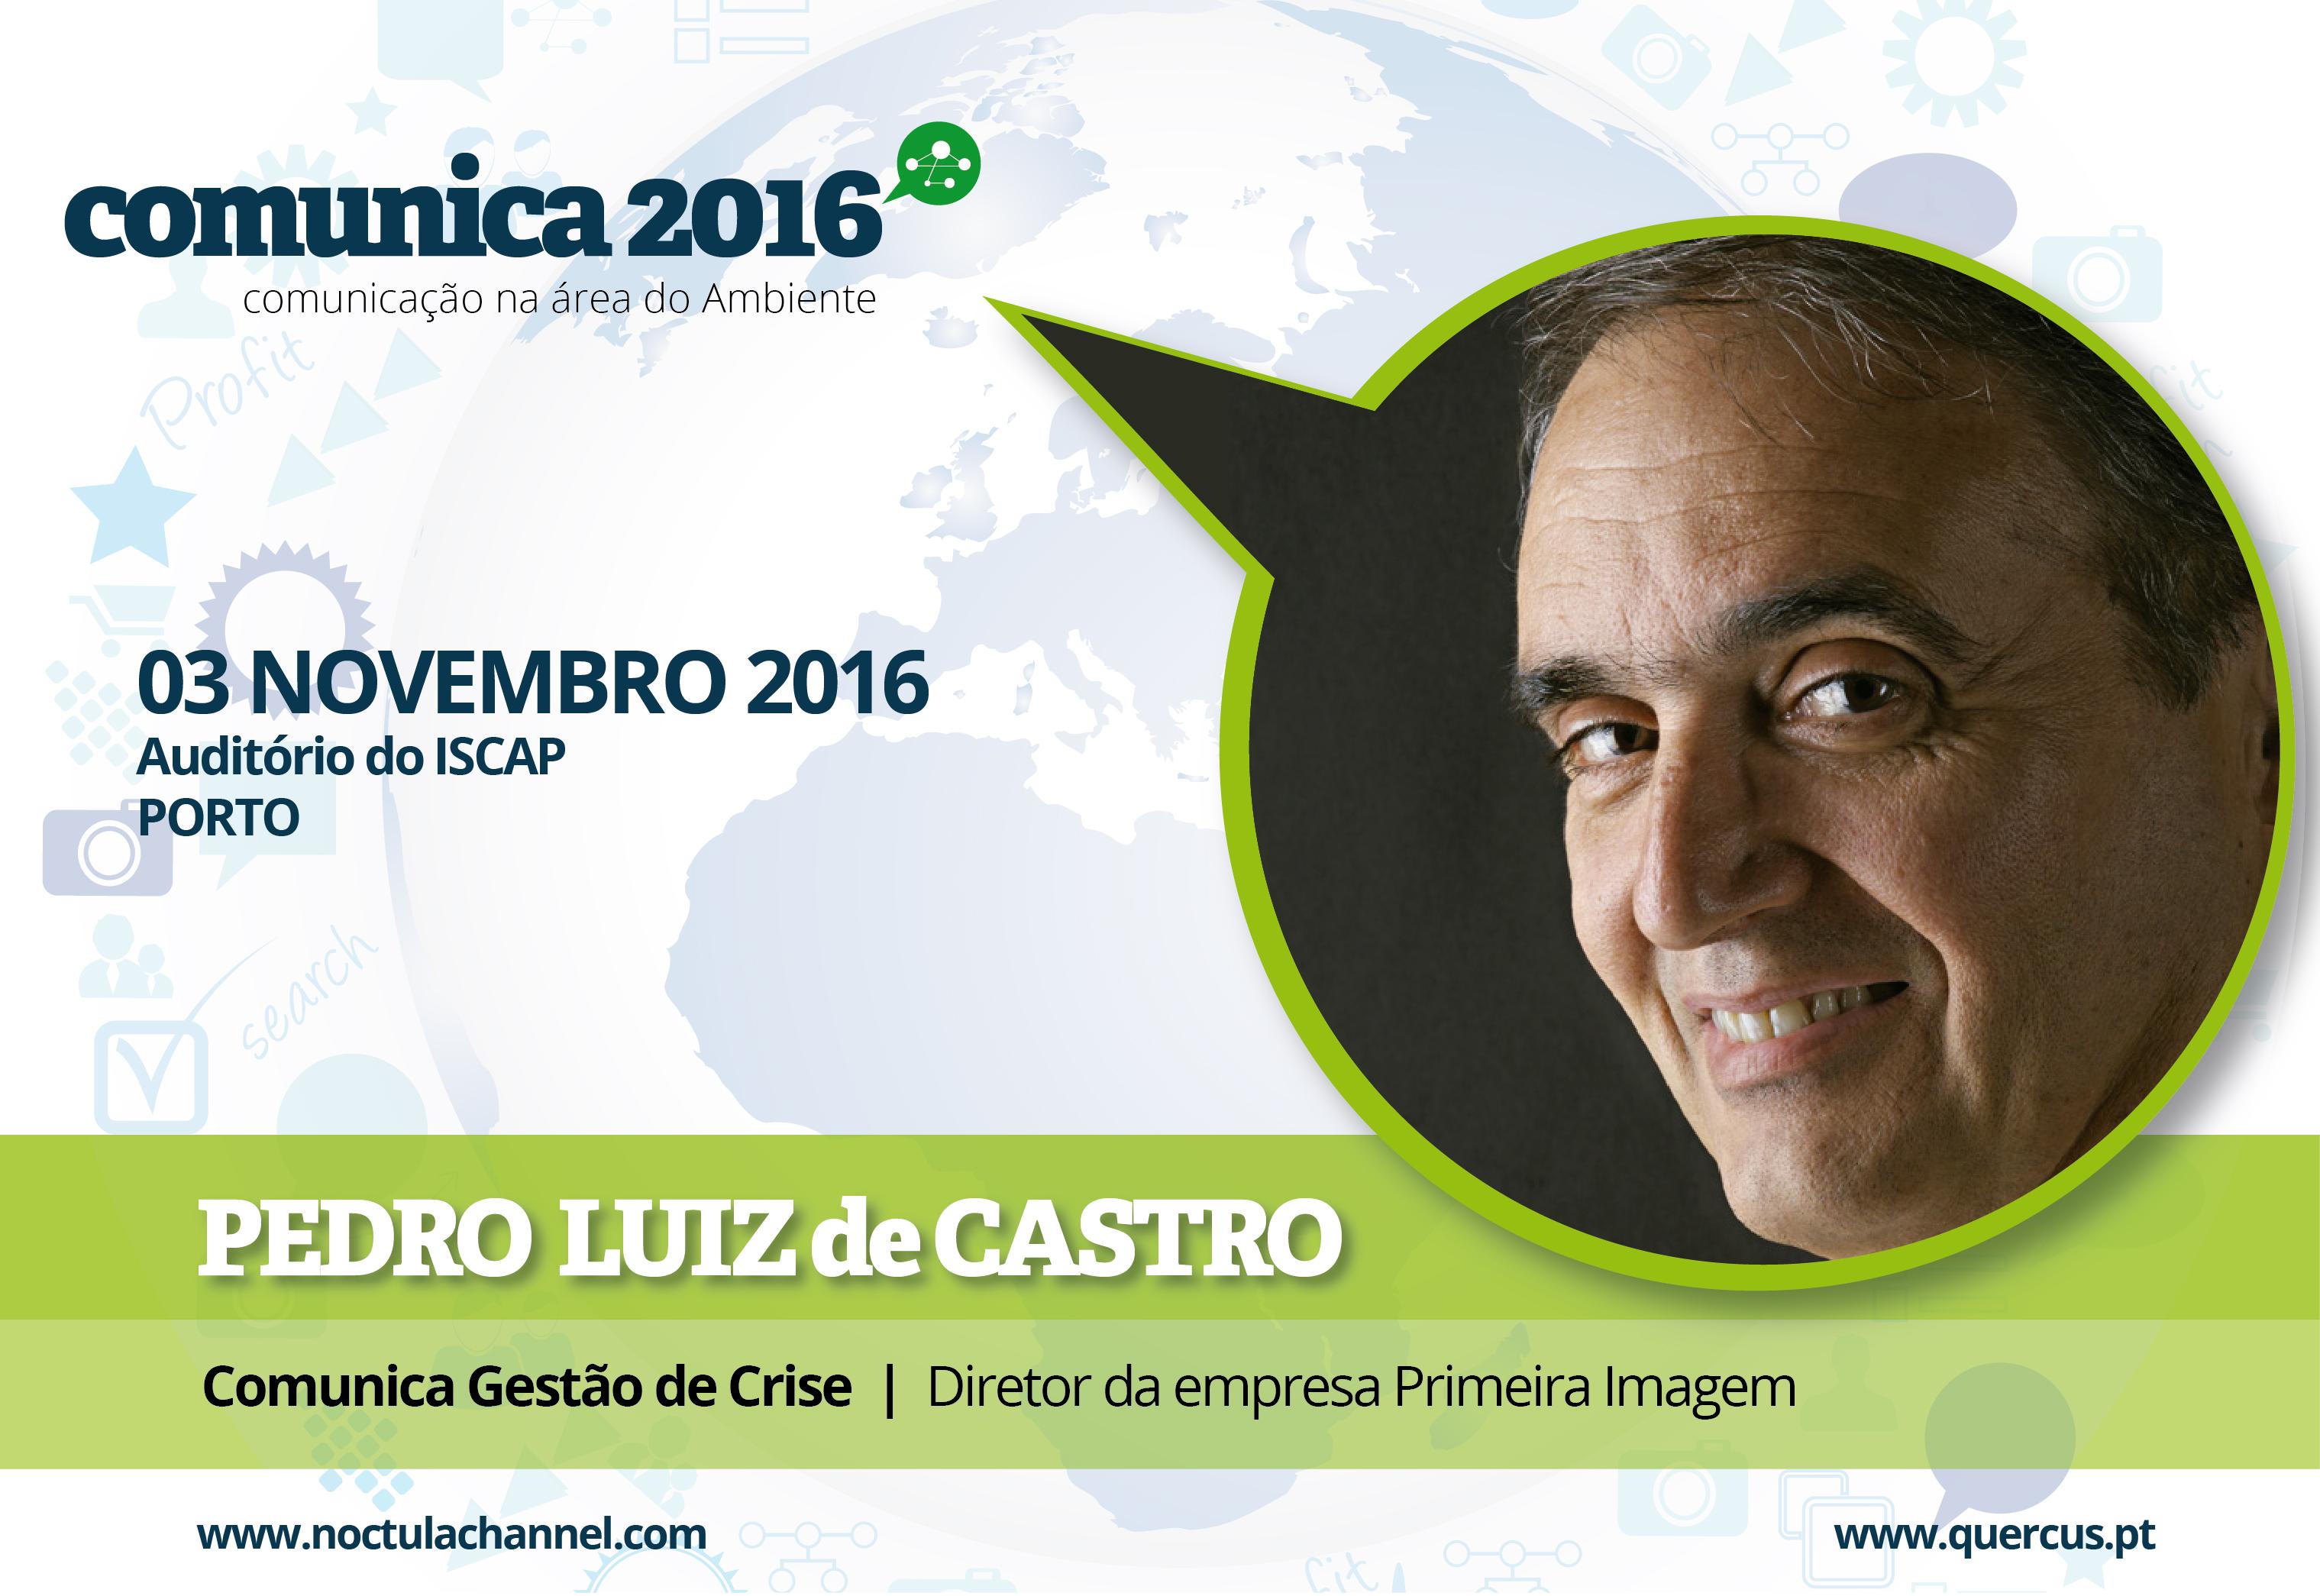 comunica-2016-Primeira Imagem